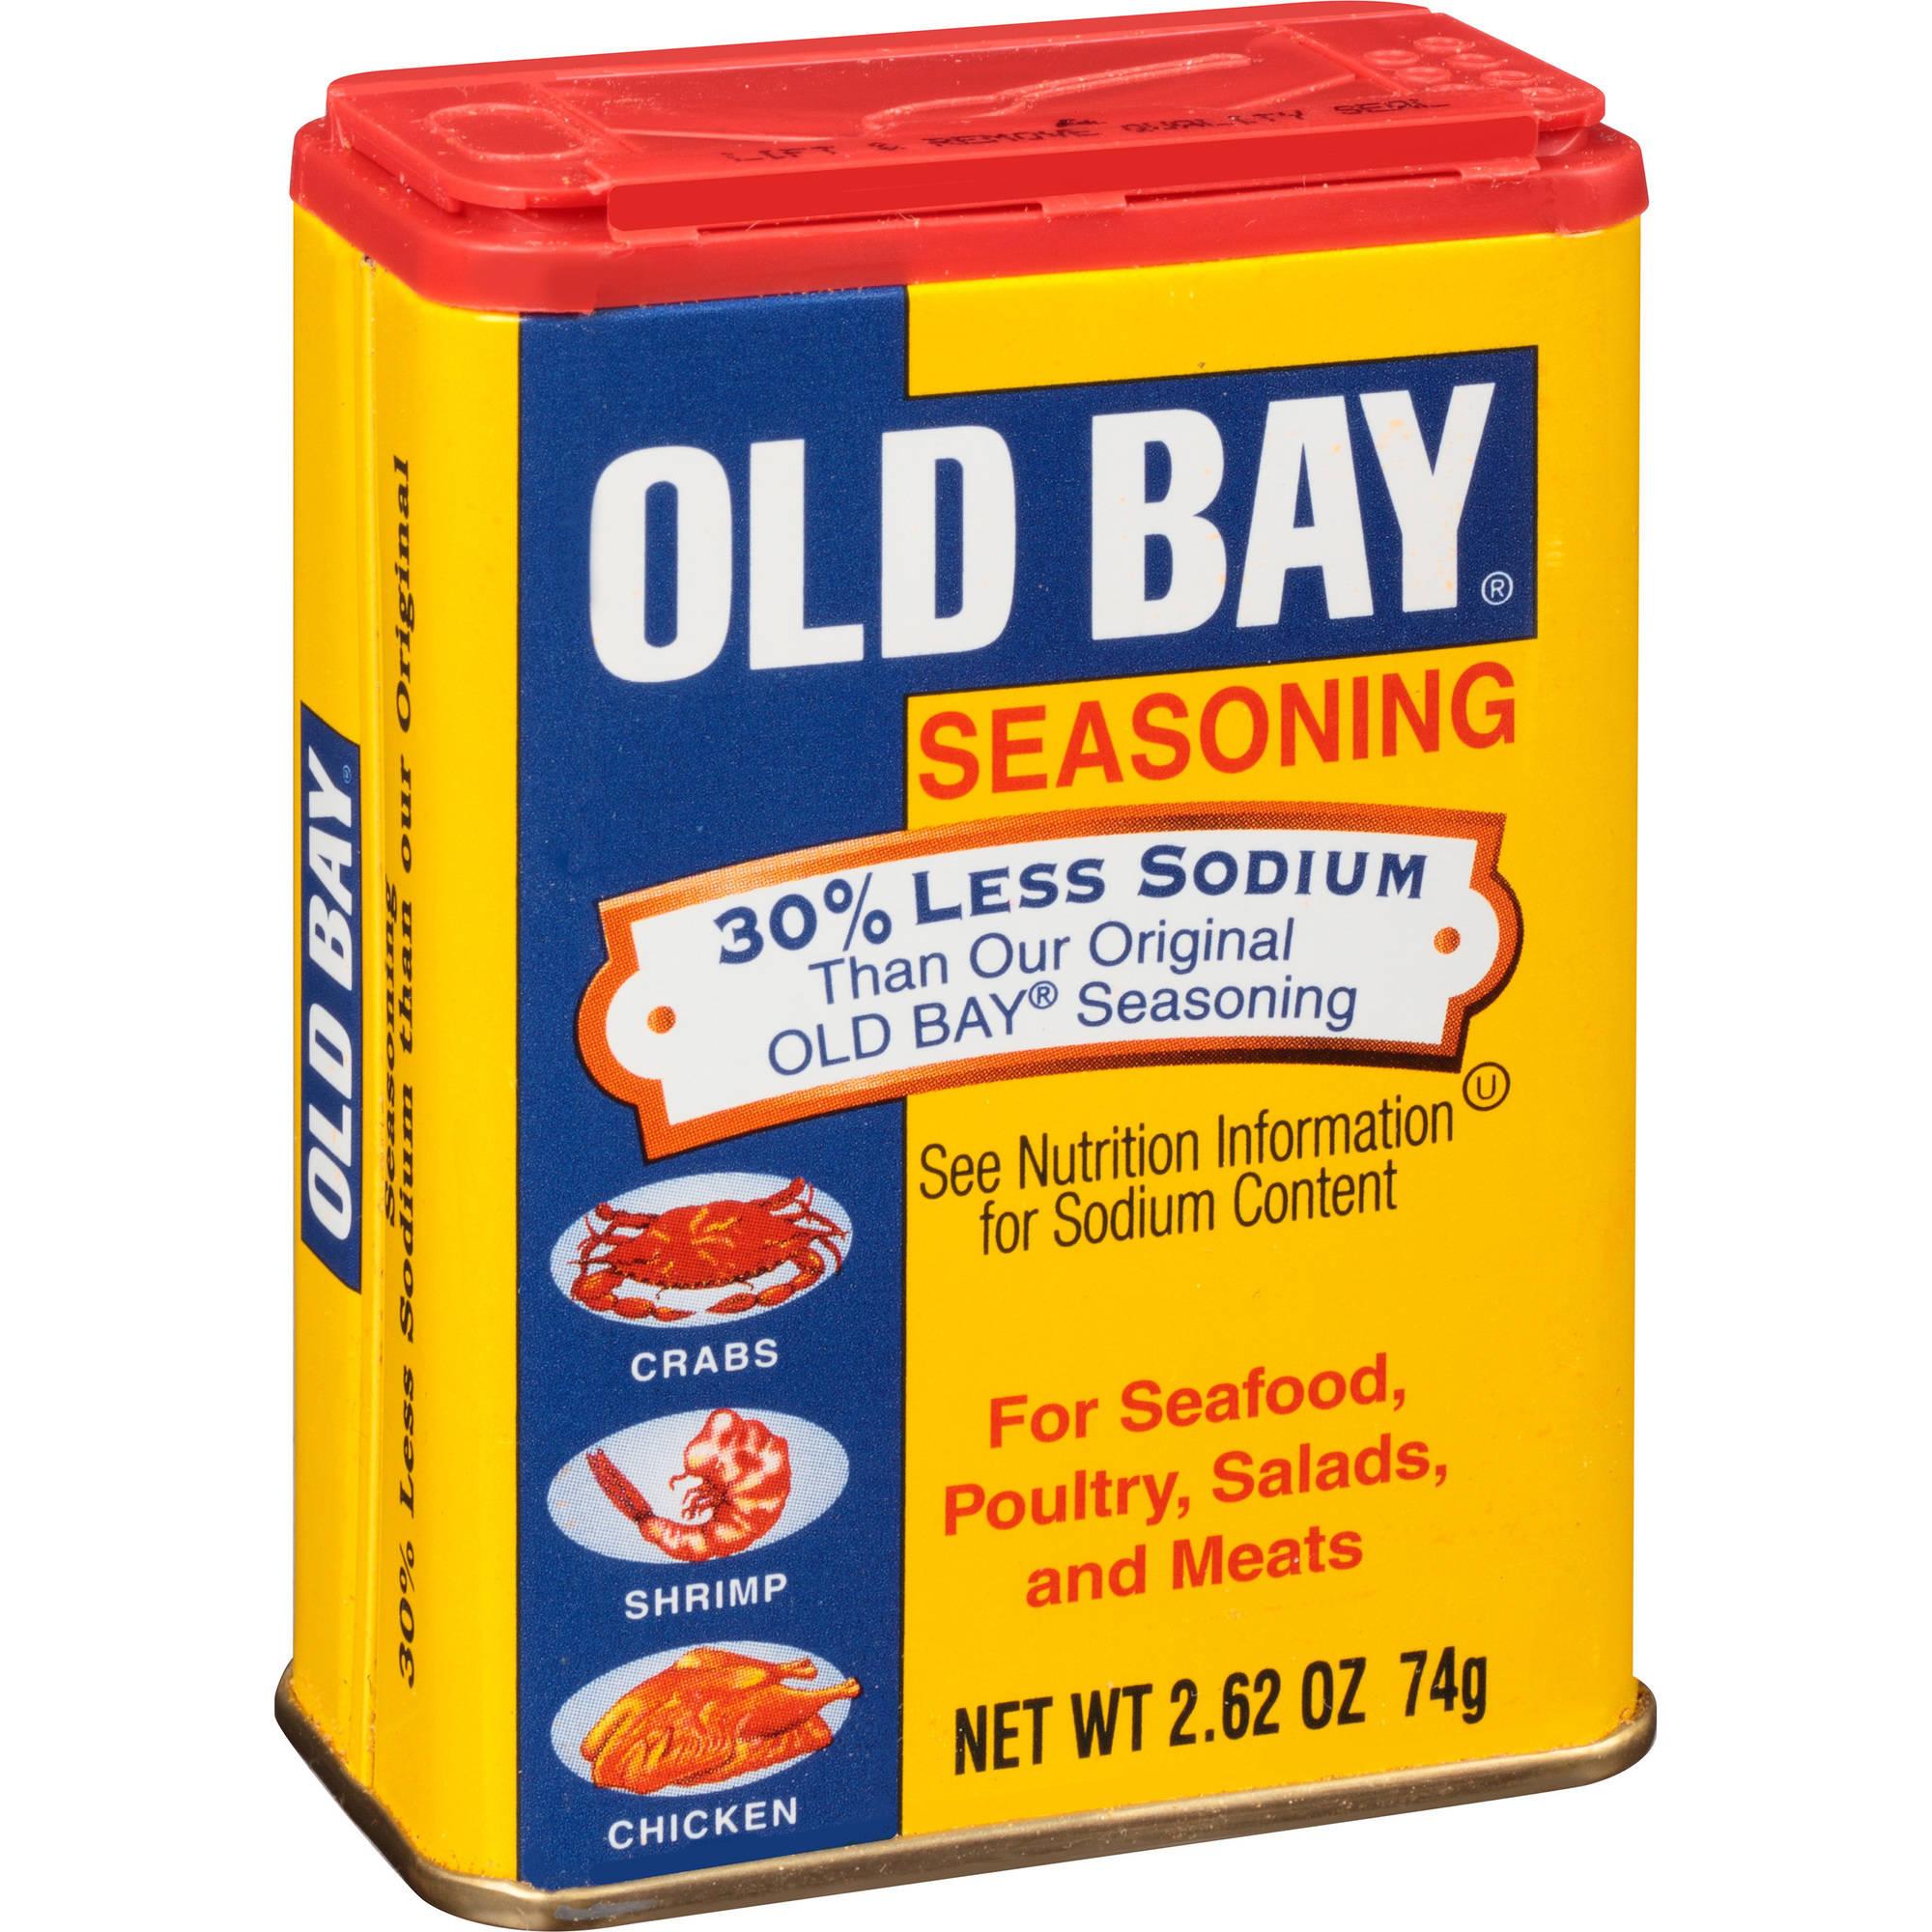 Old Bay 30% Less Sodium Seasoning, 2.62 oz